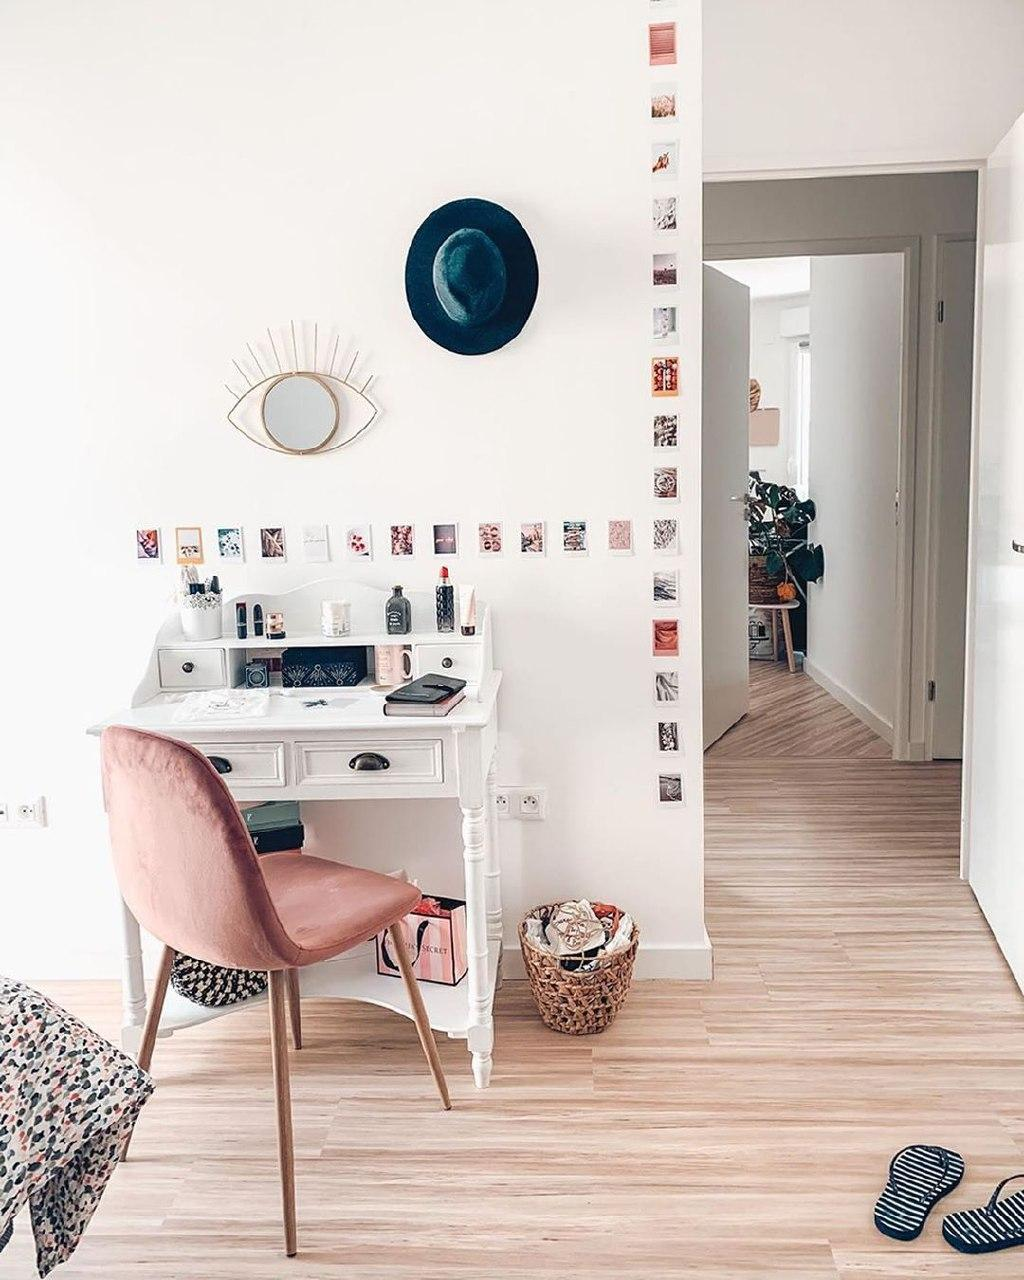 Как лучше украсить комнату фотографиями